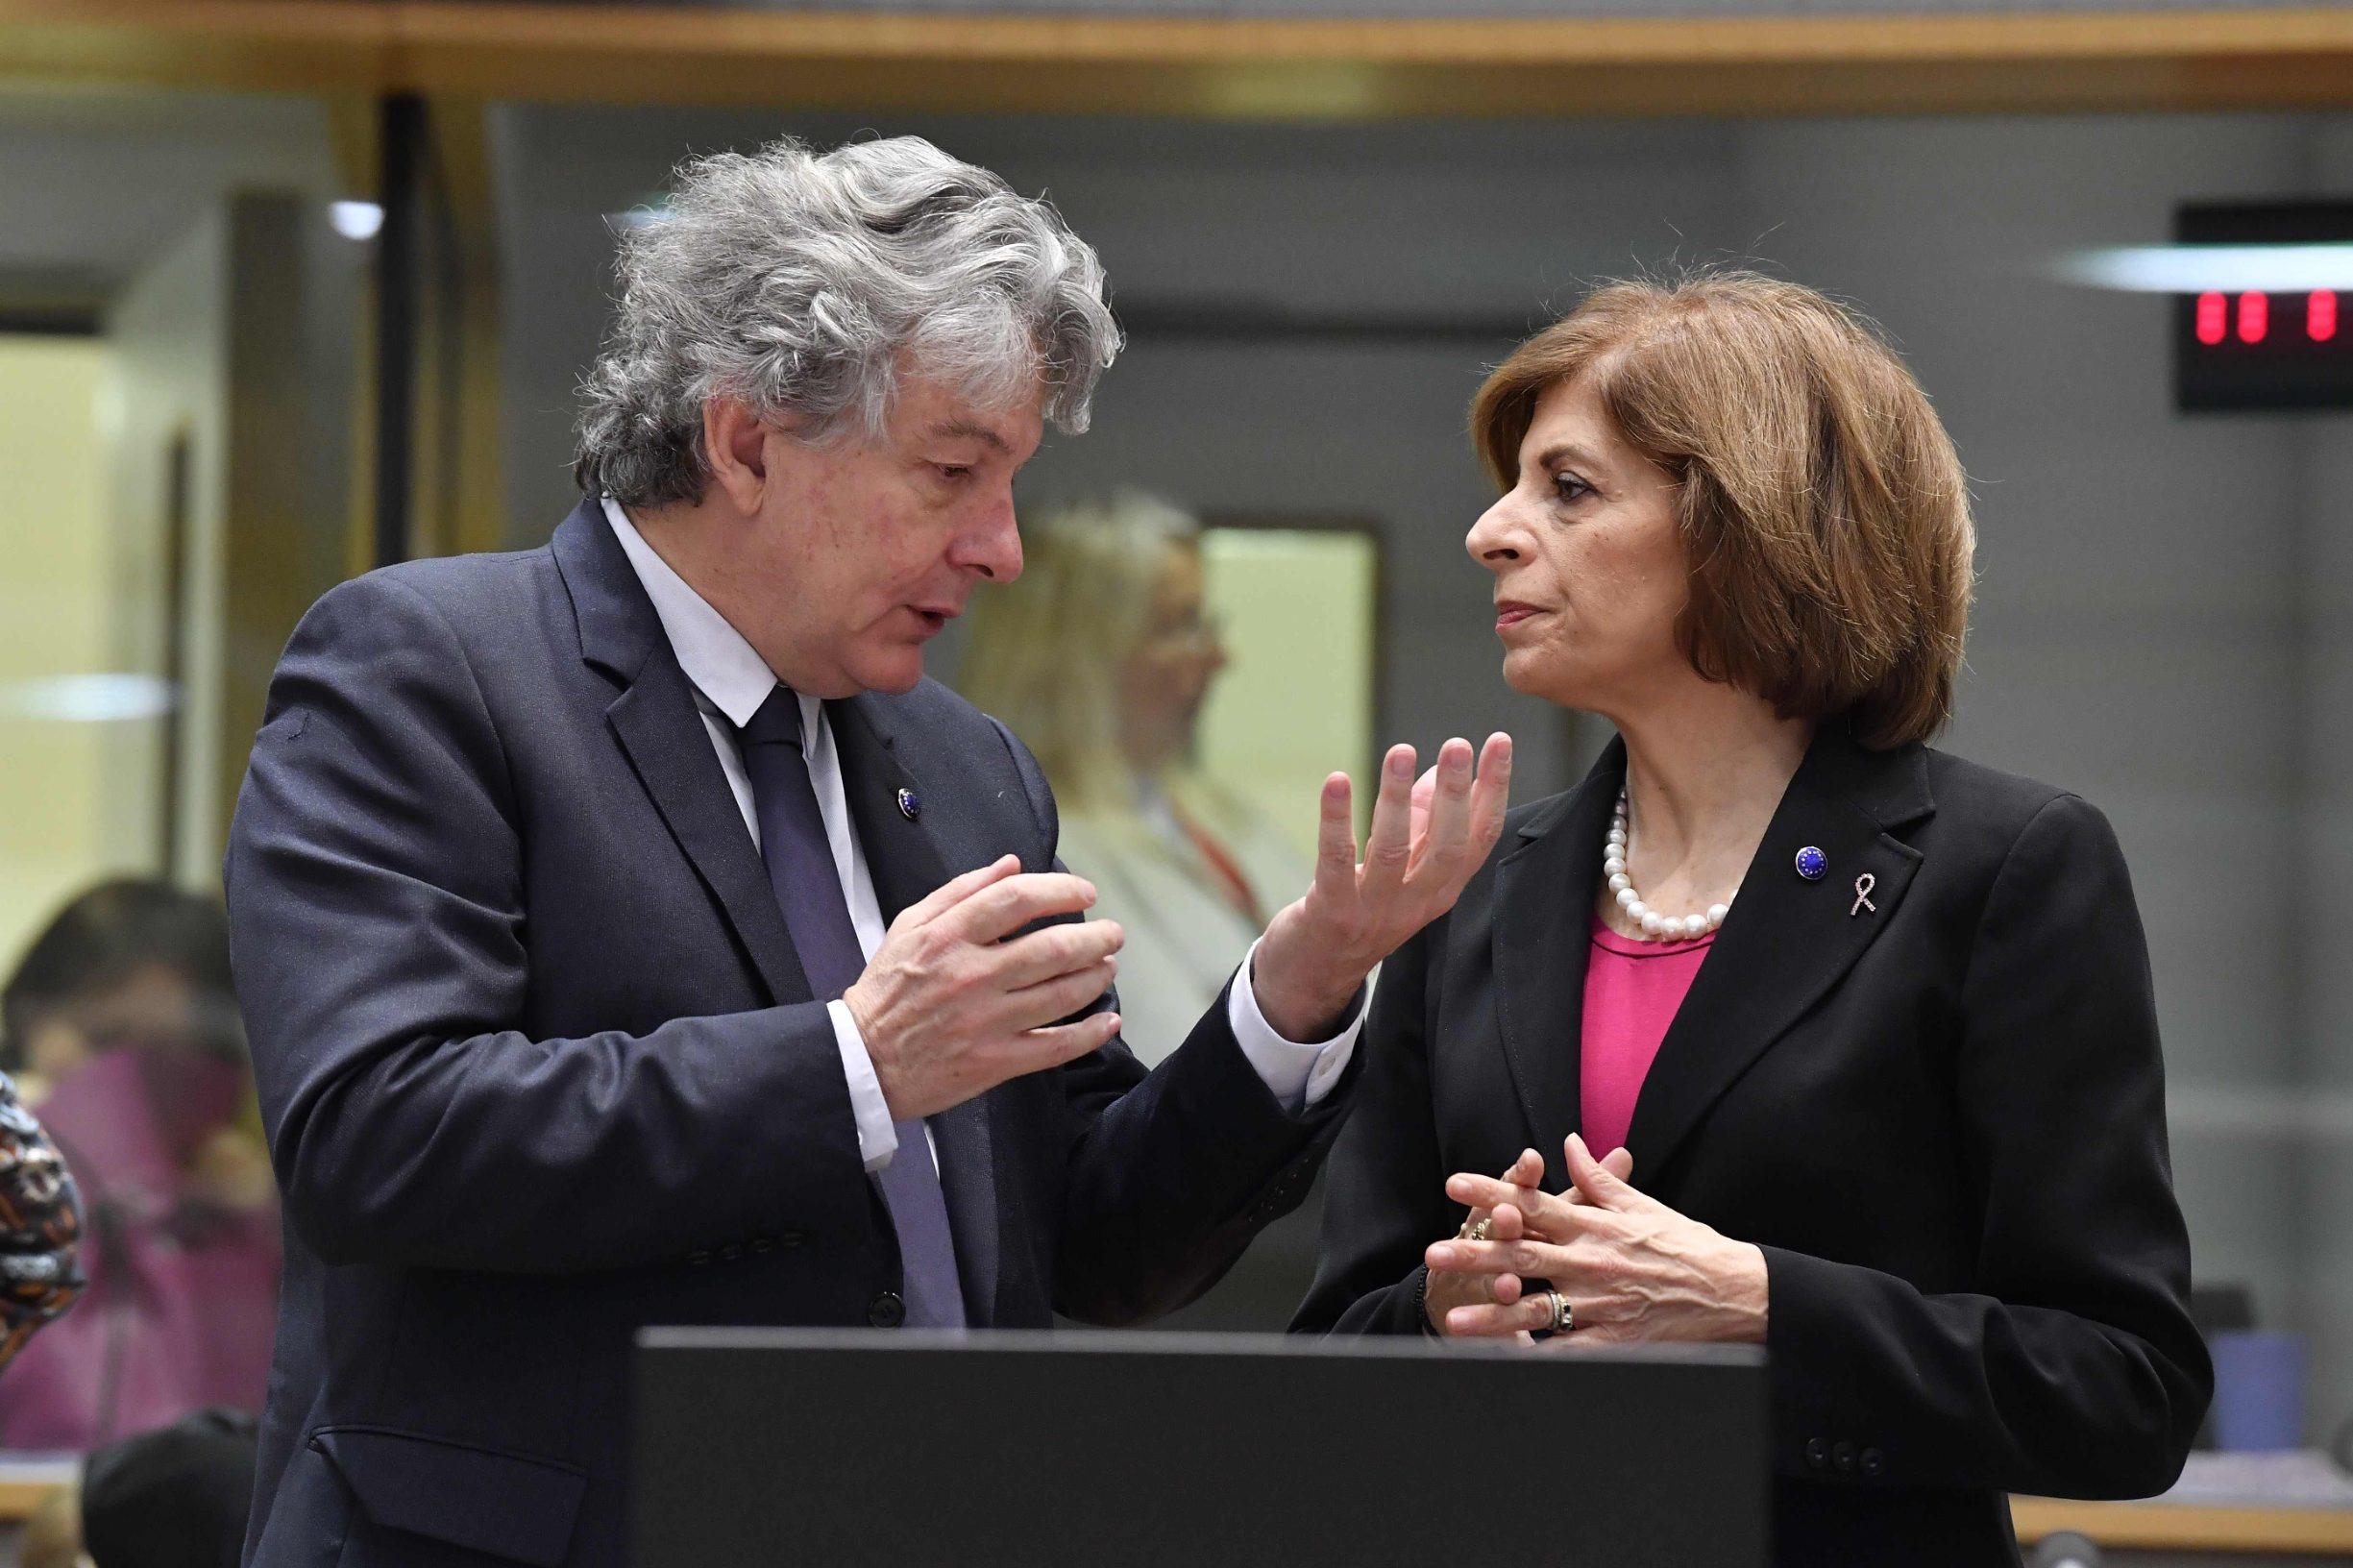 Thiery Breton, povjerenik za unutarnje tržište u razgovoru s povjerenicom za zdravstvom, Stellom Kyriakides